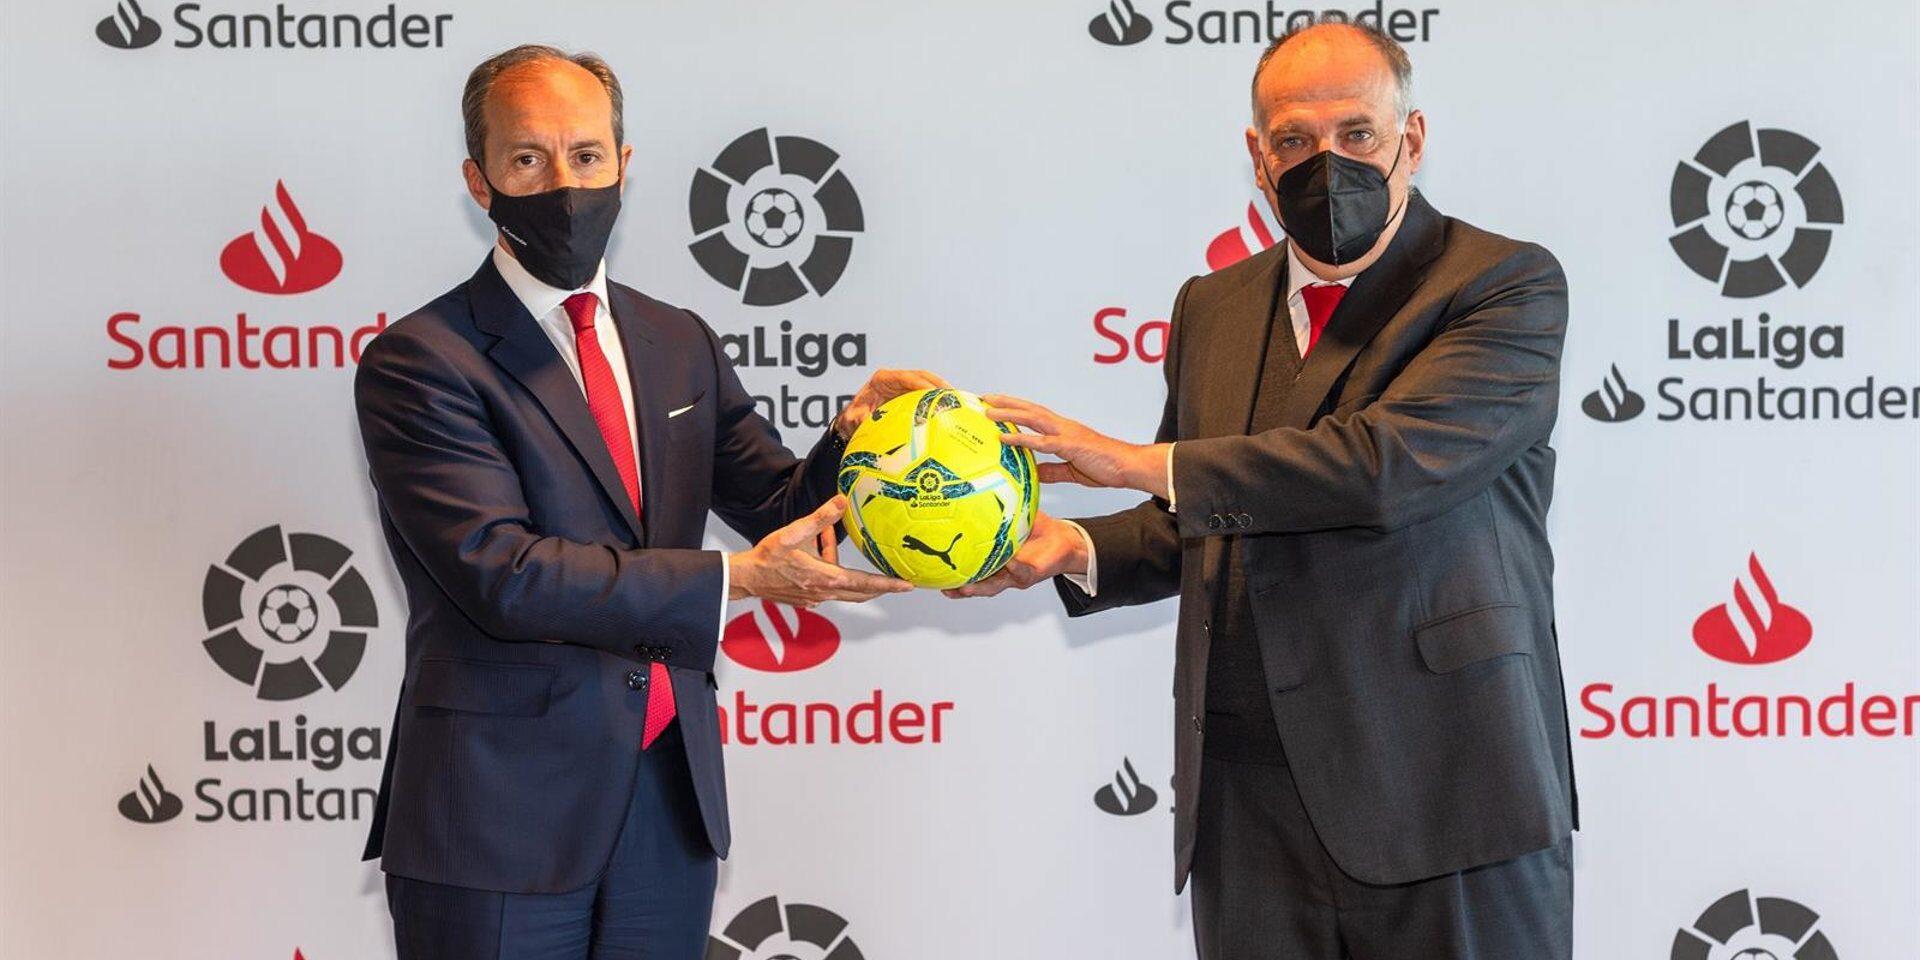 Una imatge promocional entre el banc Santander i LaLiga | LaLiga